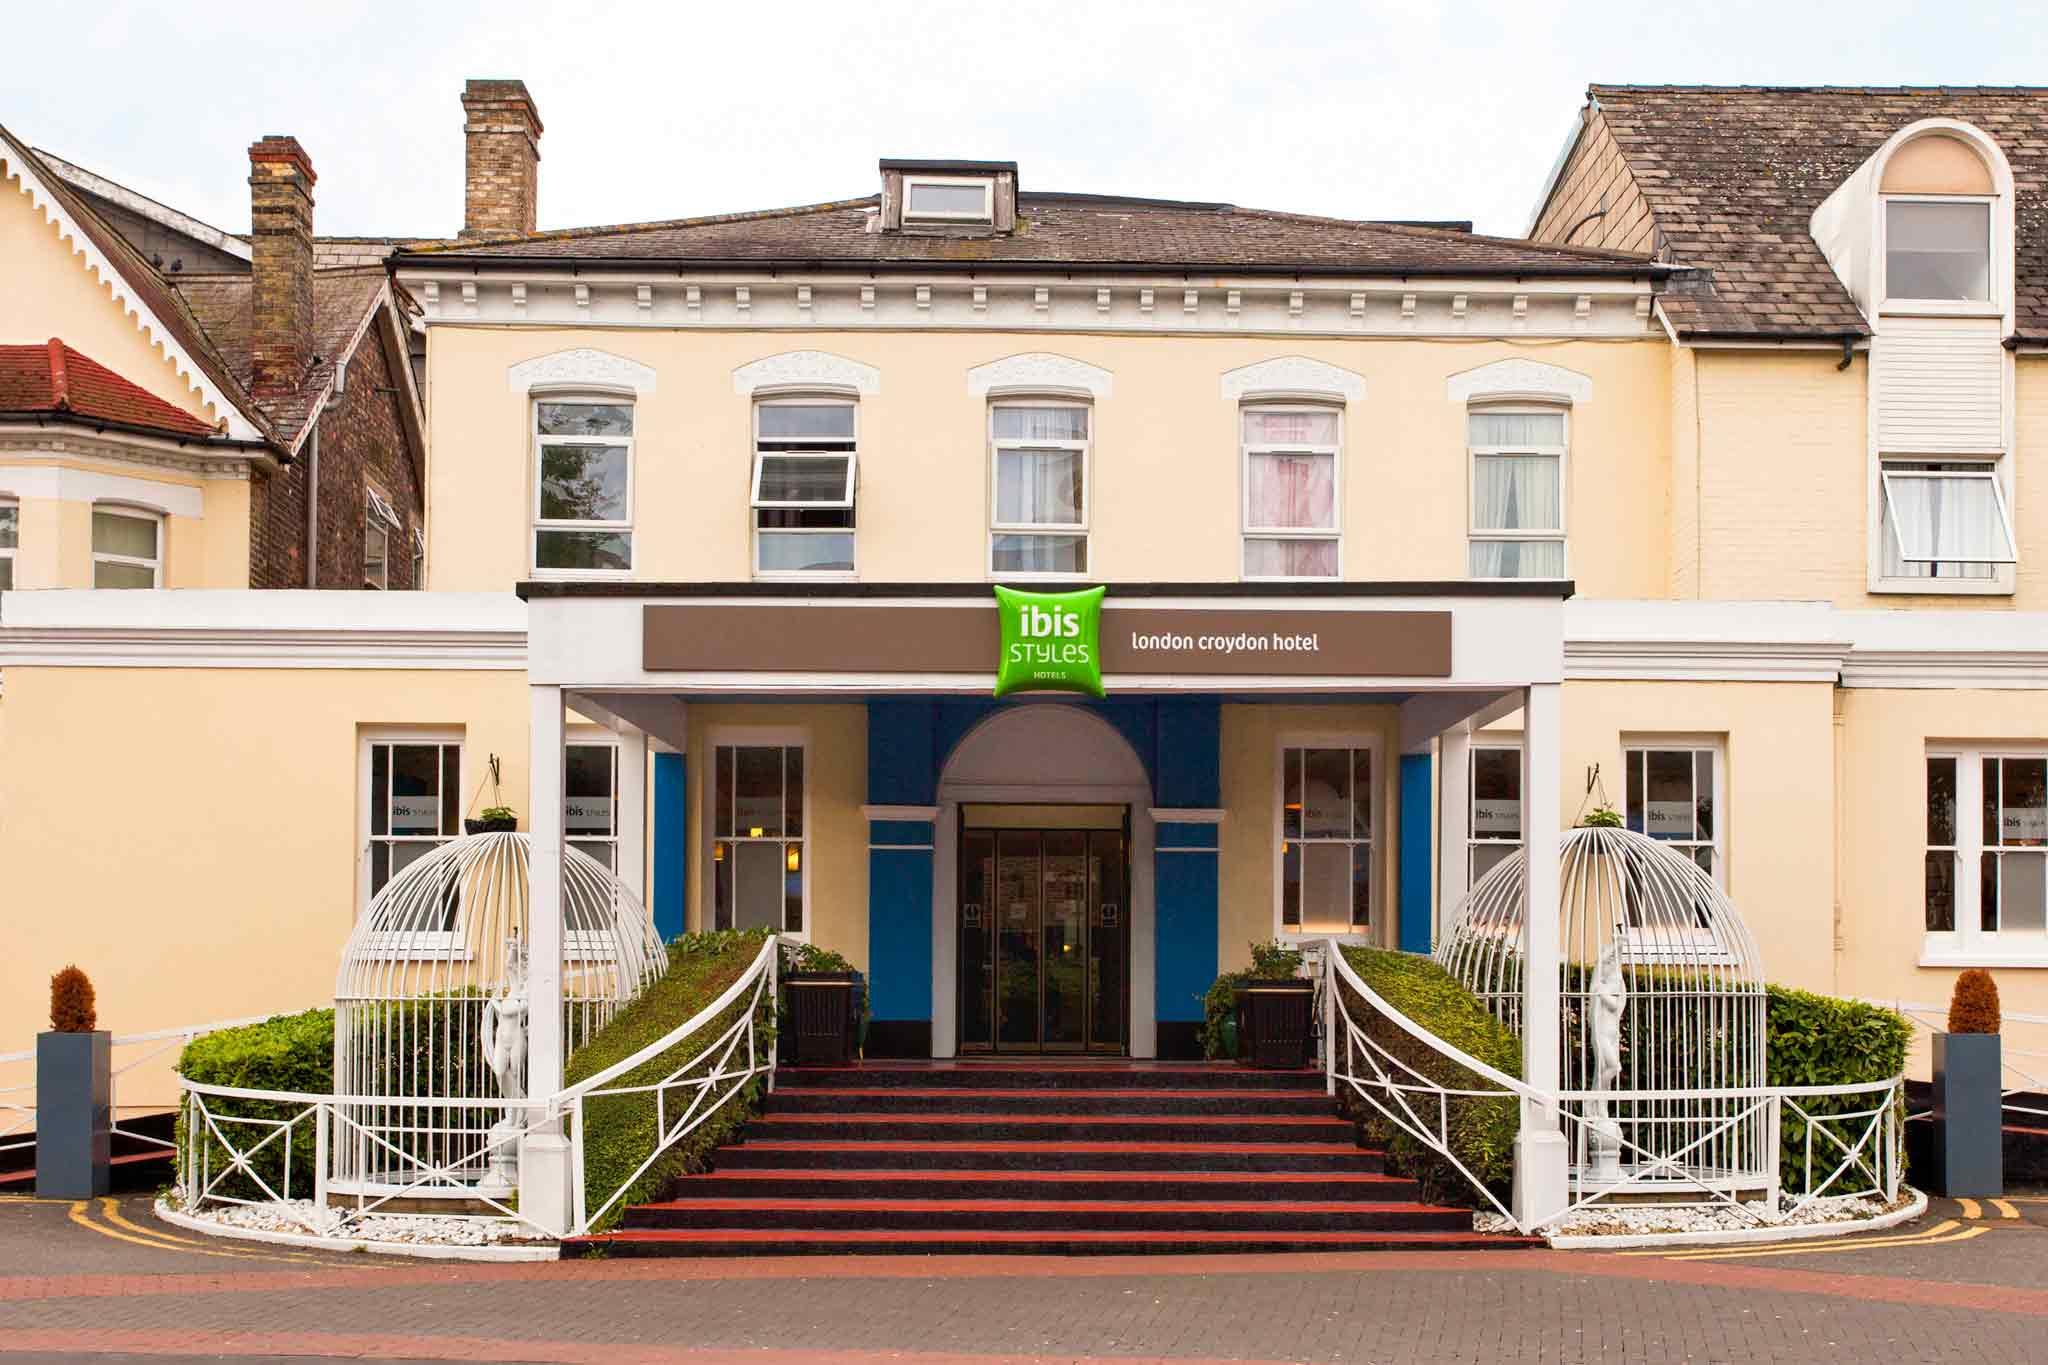 โรงแรม – ไอบิส สไตล์ ลอนดอน ครอยดอน